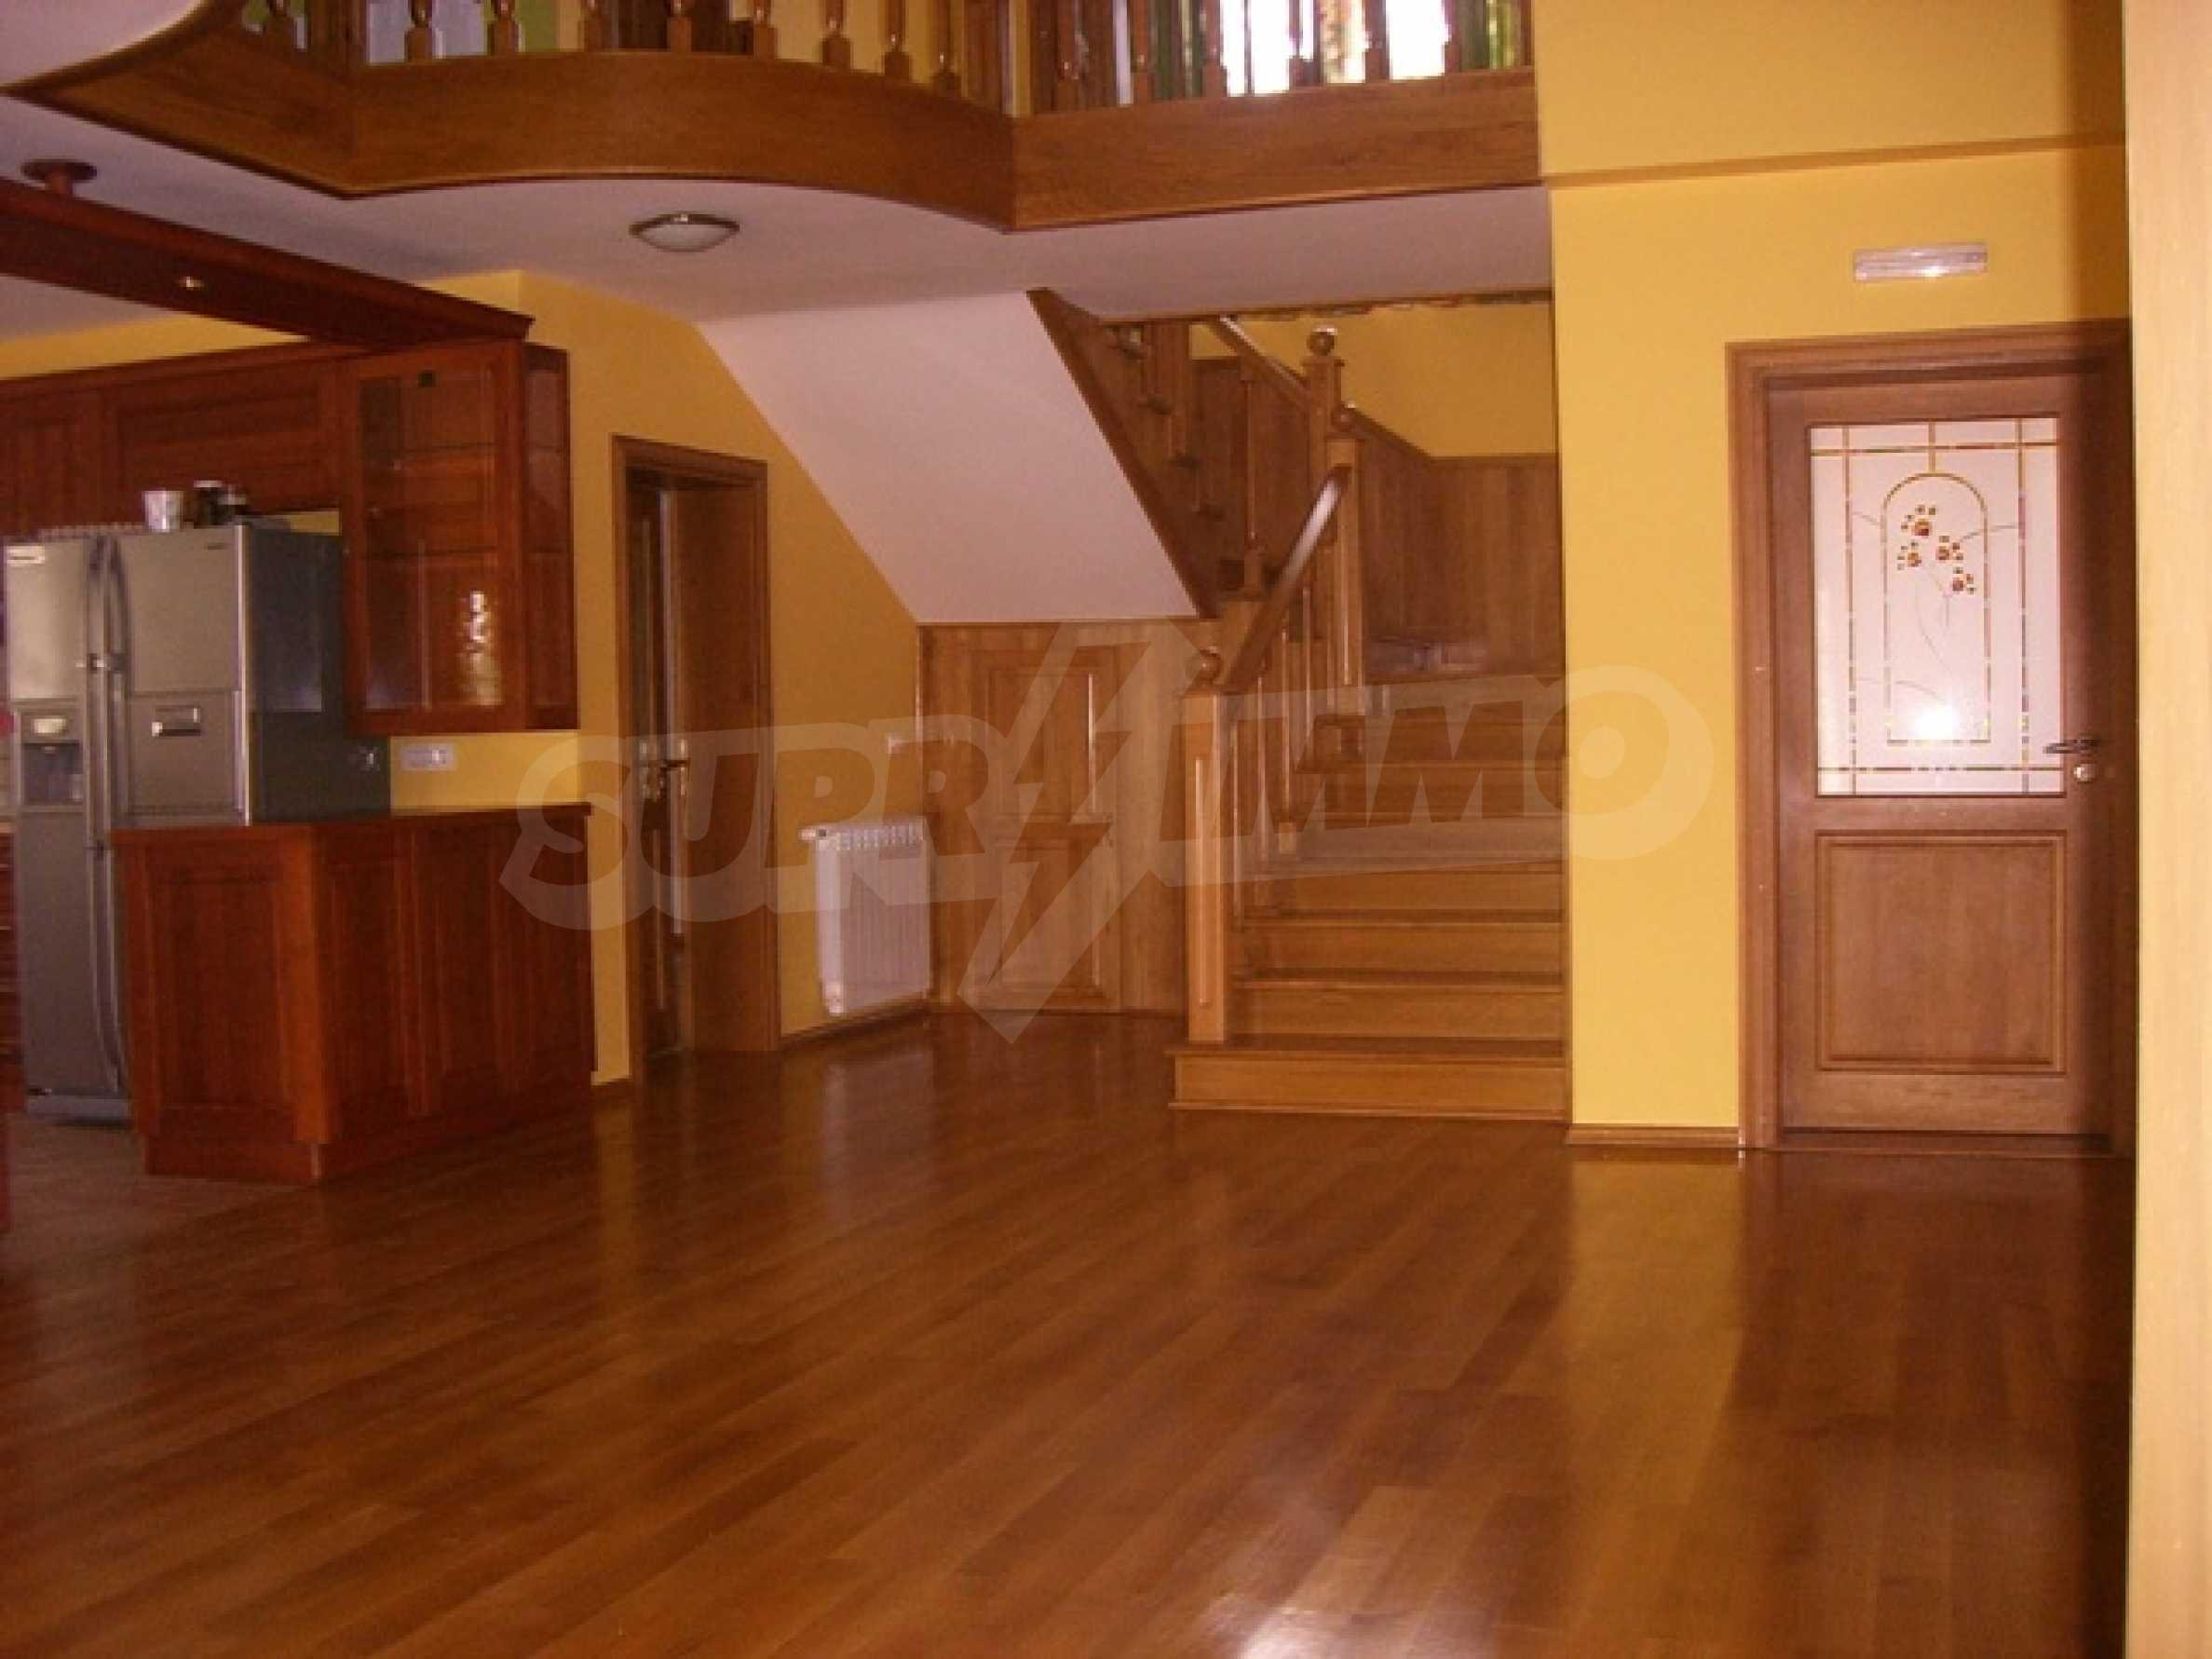 Residenz bulgarischen Traumhaus 15